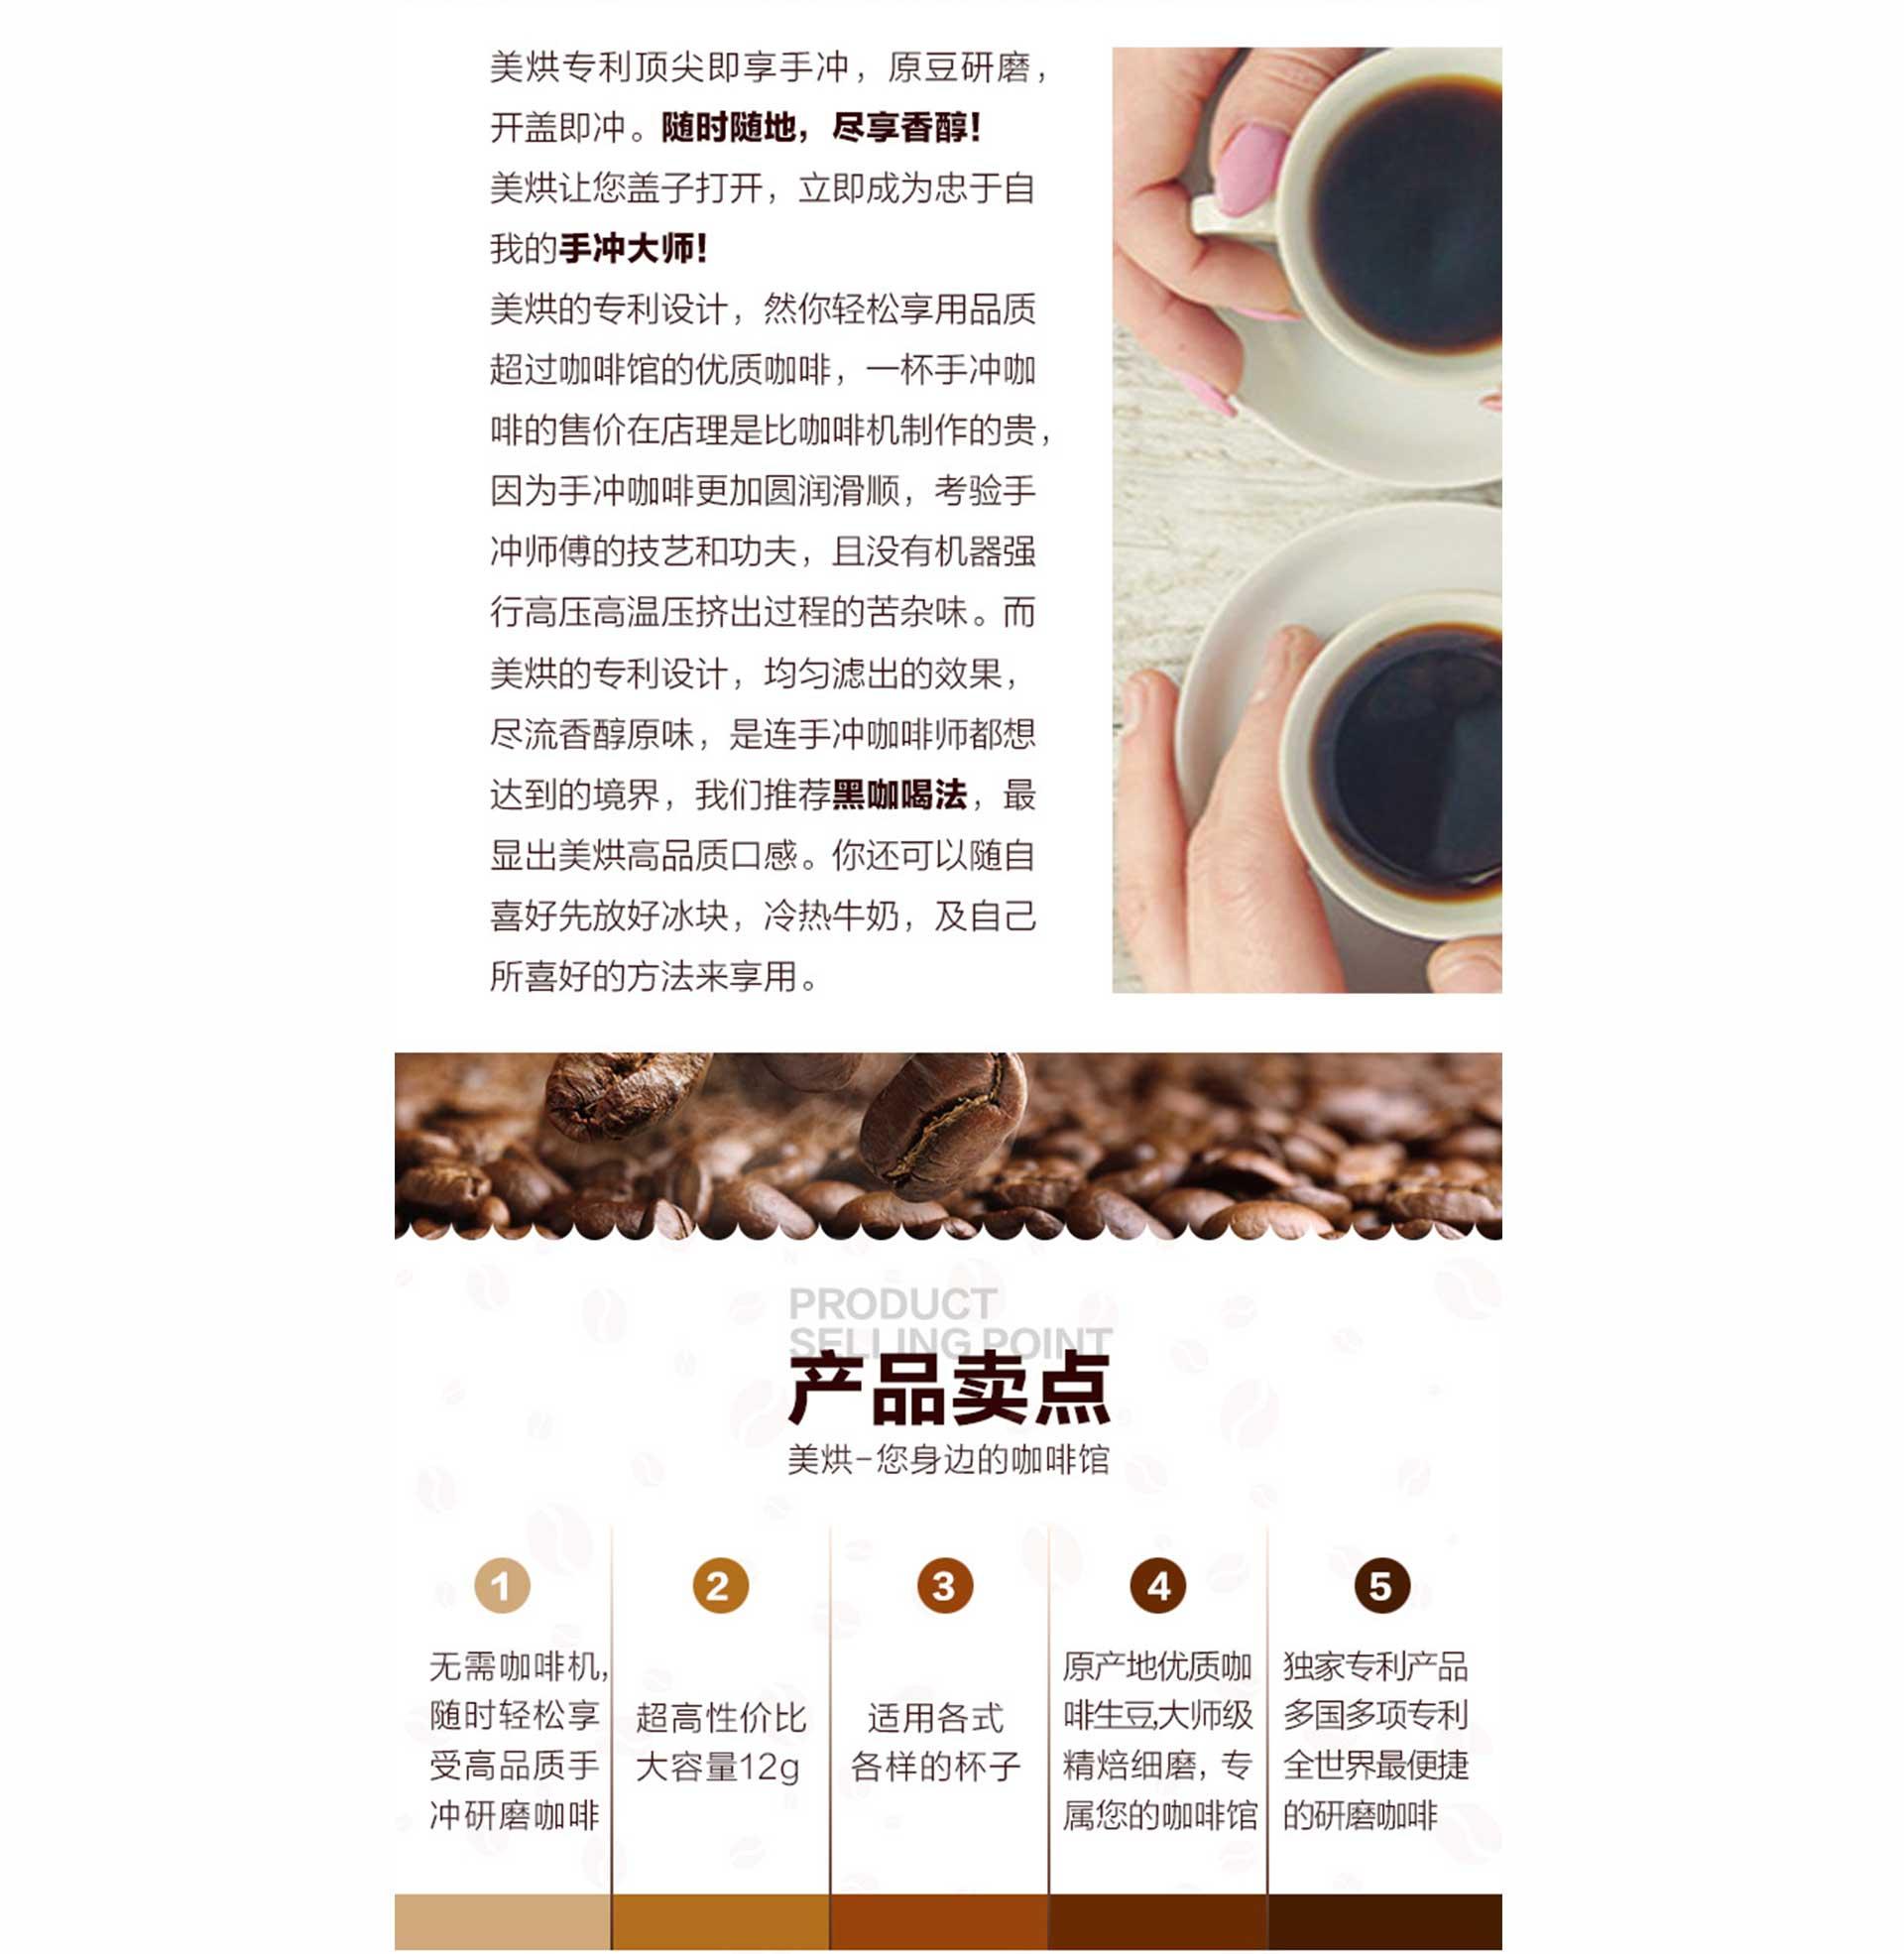 快消加盟-美烘,一款即享手冲研磨咖啡-找加盟就上小宝招商